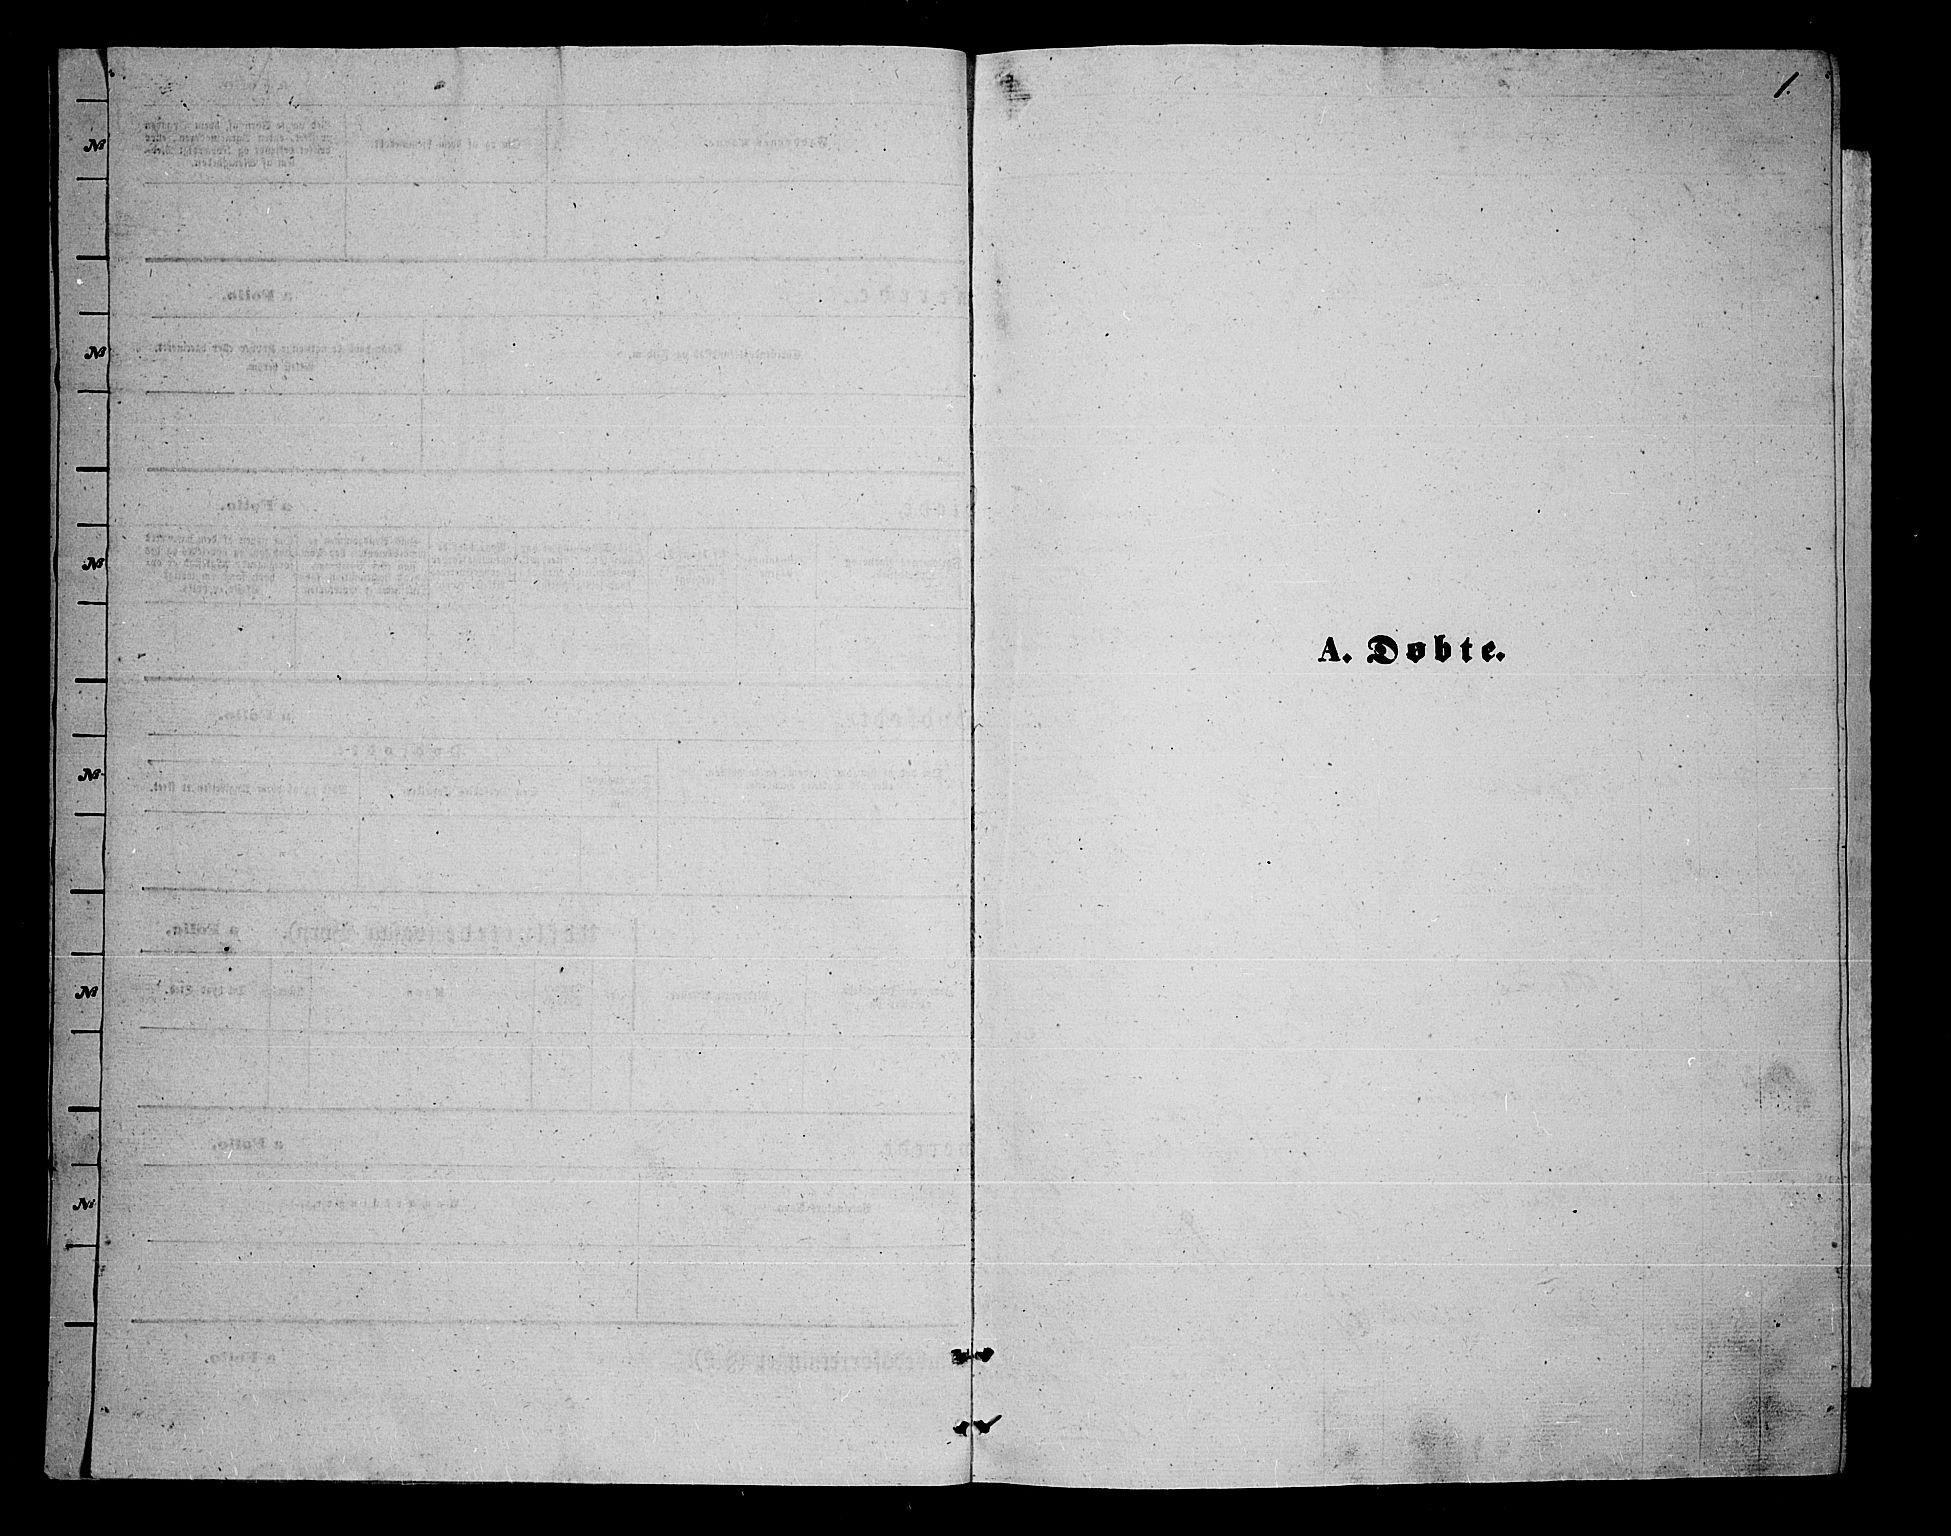 SATØ, Trondenes sokneprestkontor, H/Hb/L0009klokker: Klokkerbok nr. 9, 1870-1876, s. 1